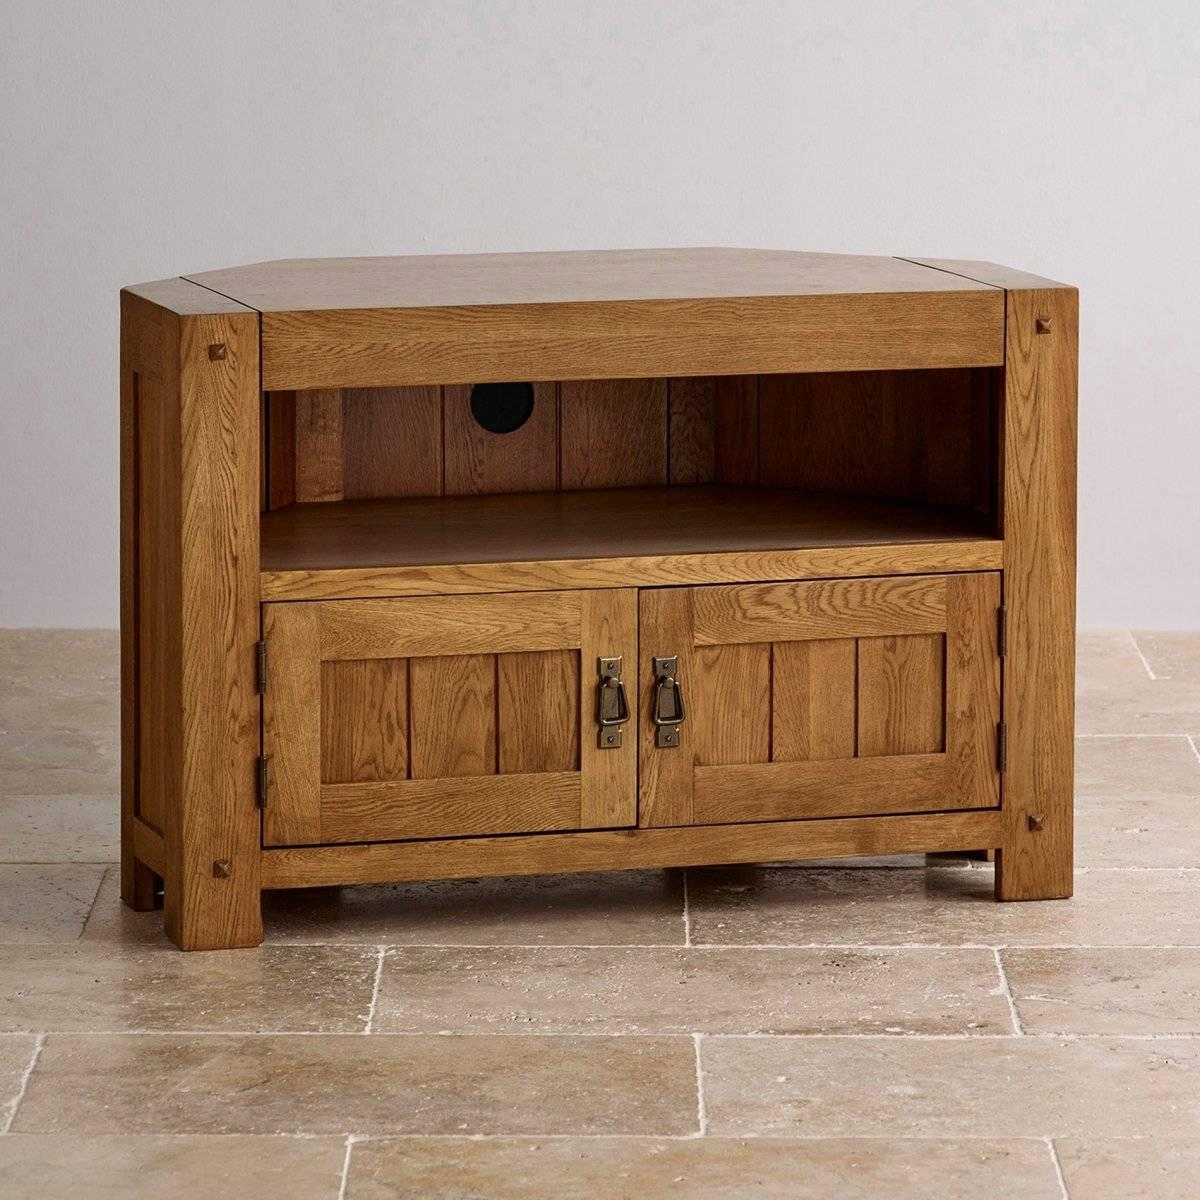 Quercus Corner Tv Cabinet In Rustic Oak | Oak Furniture Land with Rustic Oak Tv Stands (Image 7 of 15)